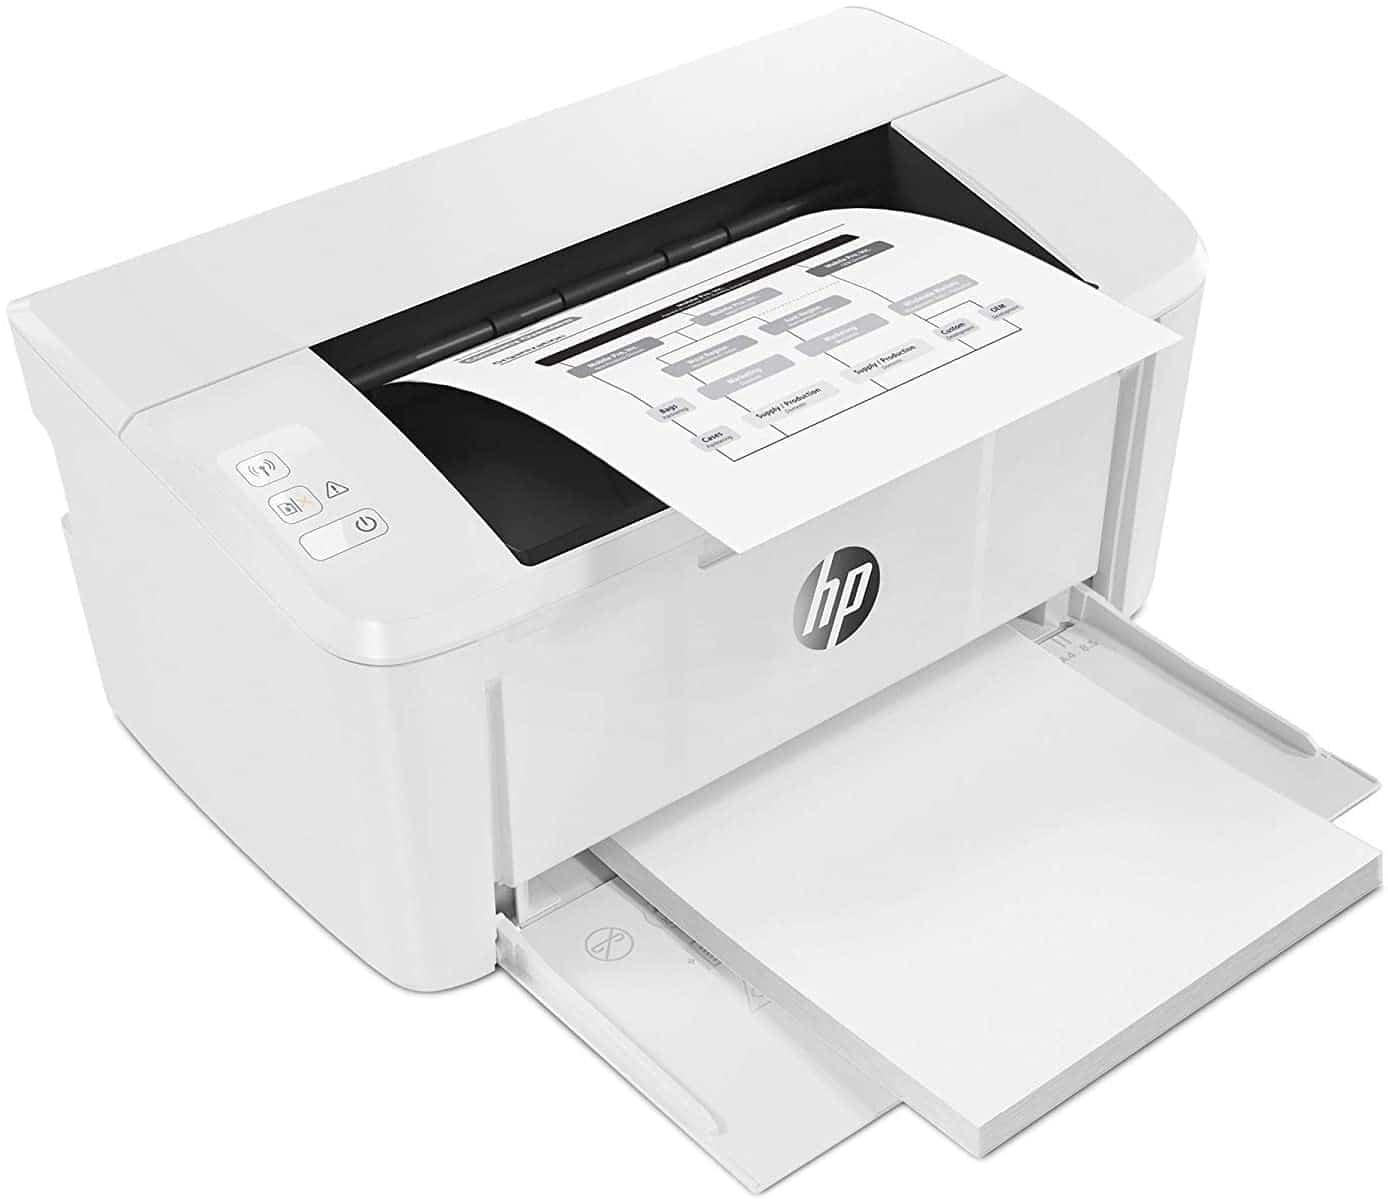 Laser Printer HP